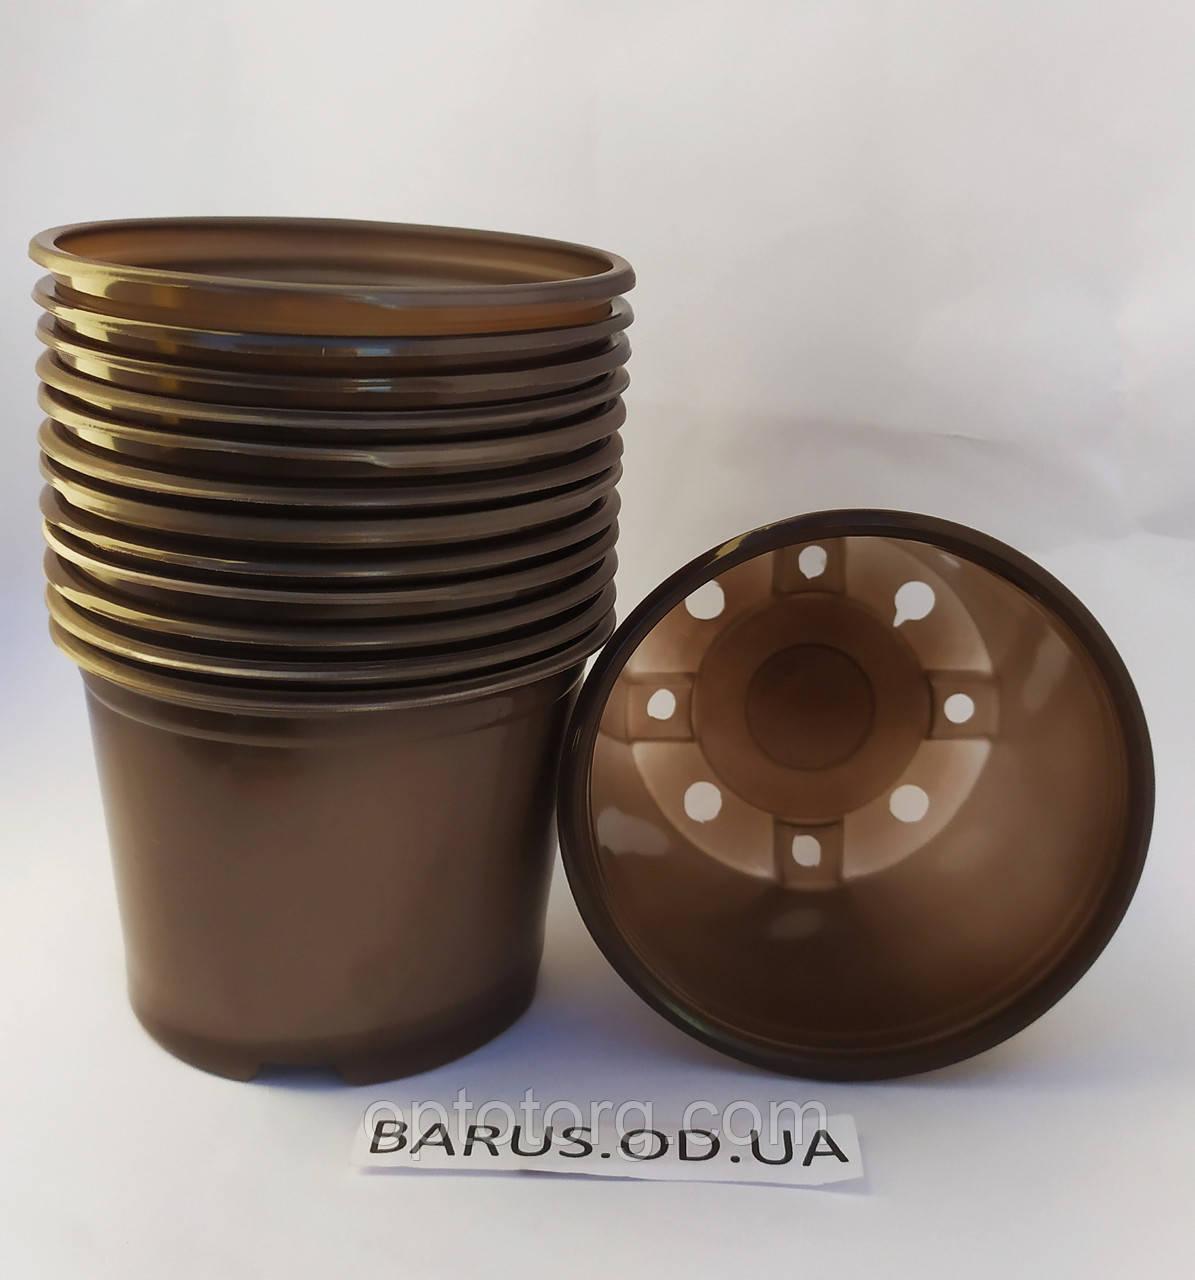 Горшки стаканчики с перфорацией для рассады 75*90 мм